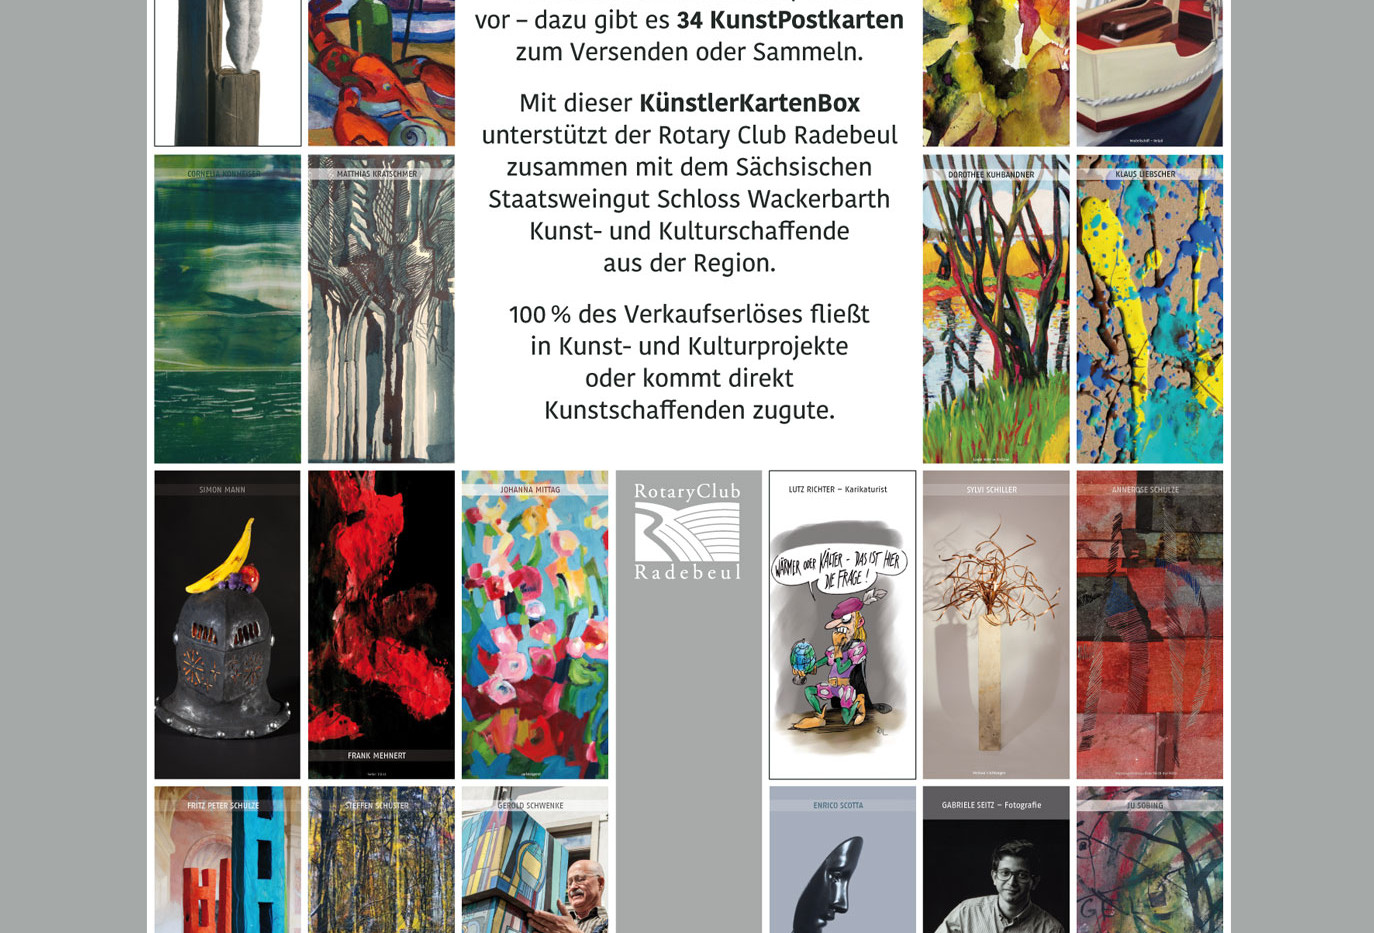 Übersicht der Künstler in KünstlerKartenBox